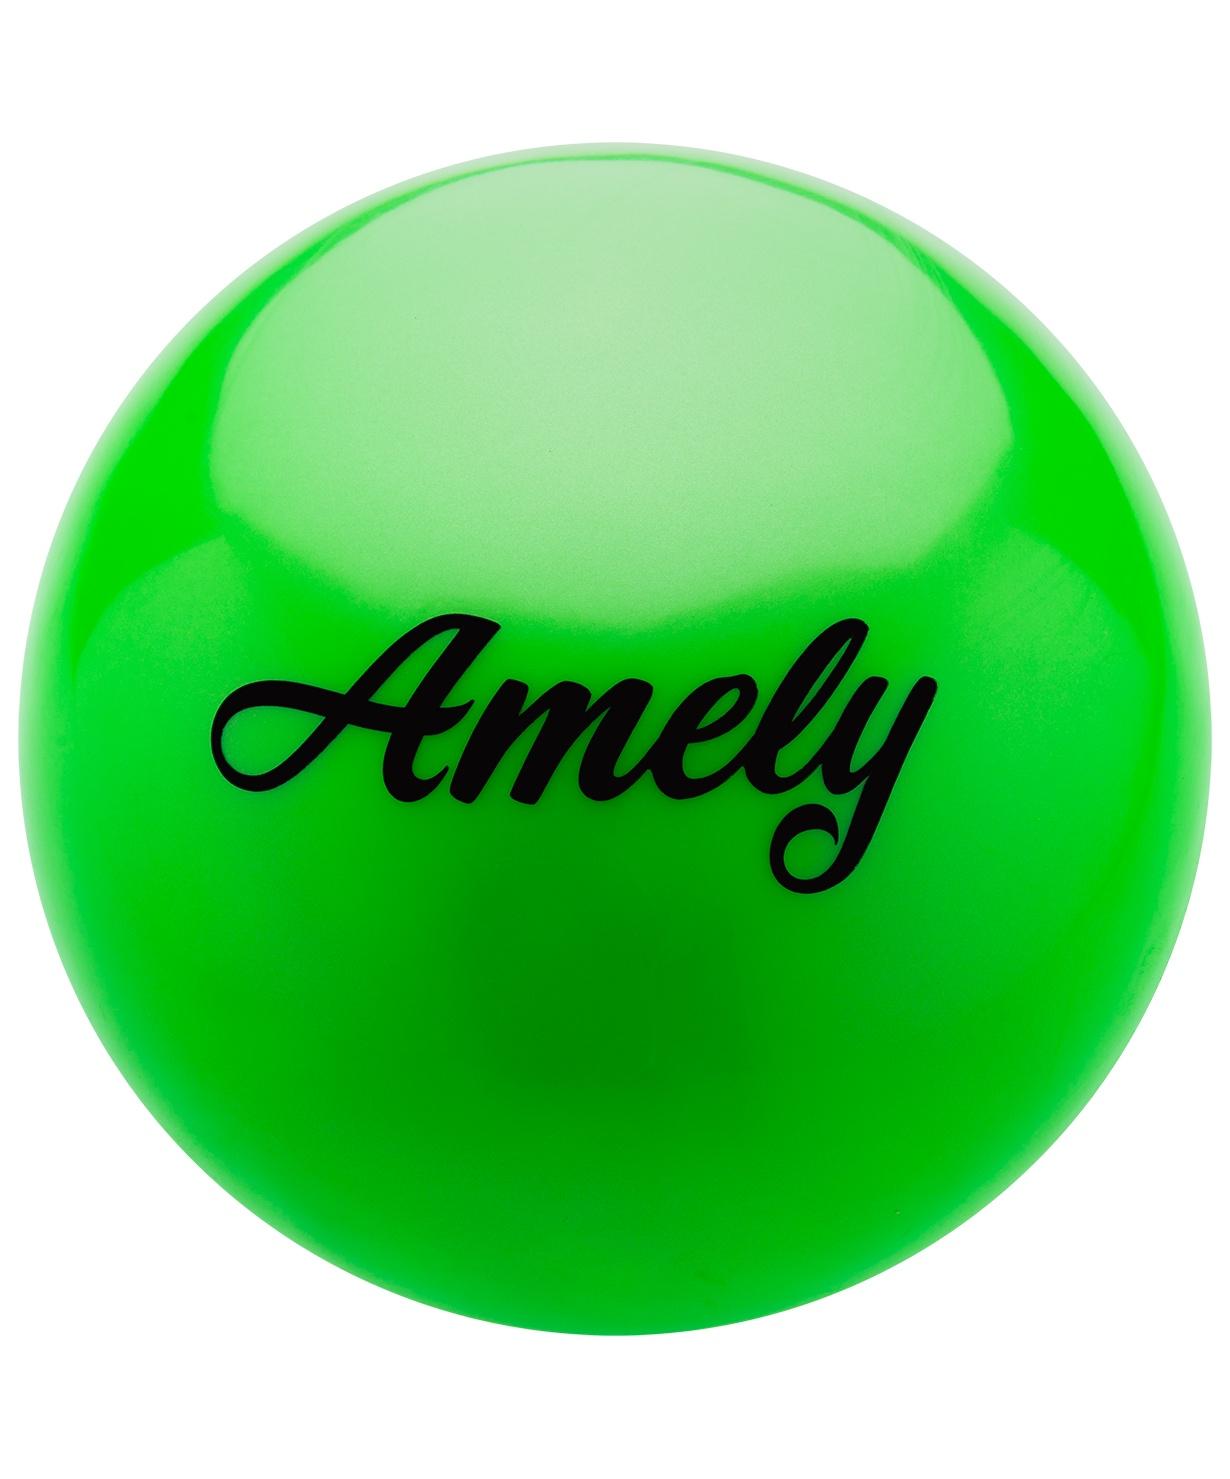 Мяч для художественной гимнастики Amely Agb-101, 15 см, зеленый мяч для художественной гимнастики indigo силиконовый цвет разноцветный диаметр 15 см